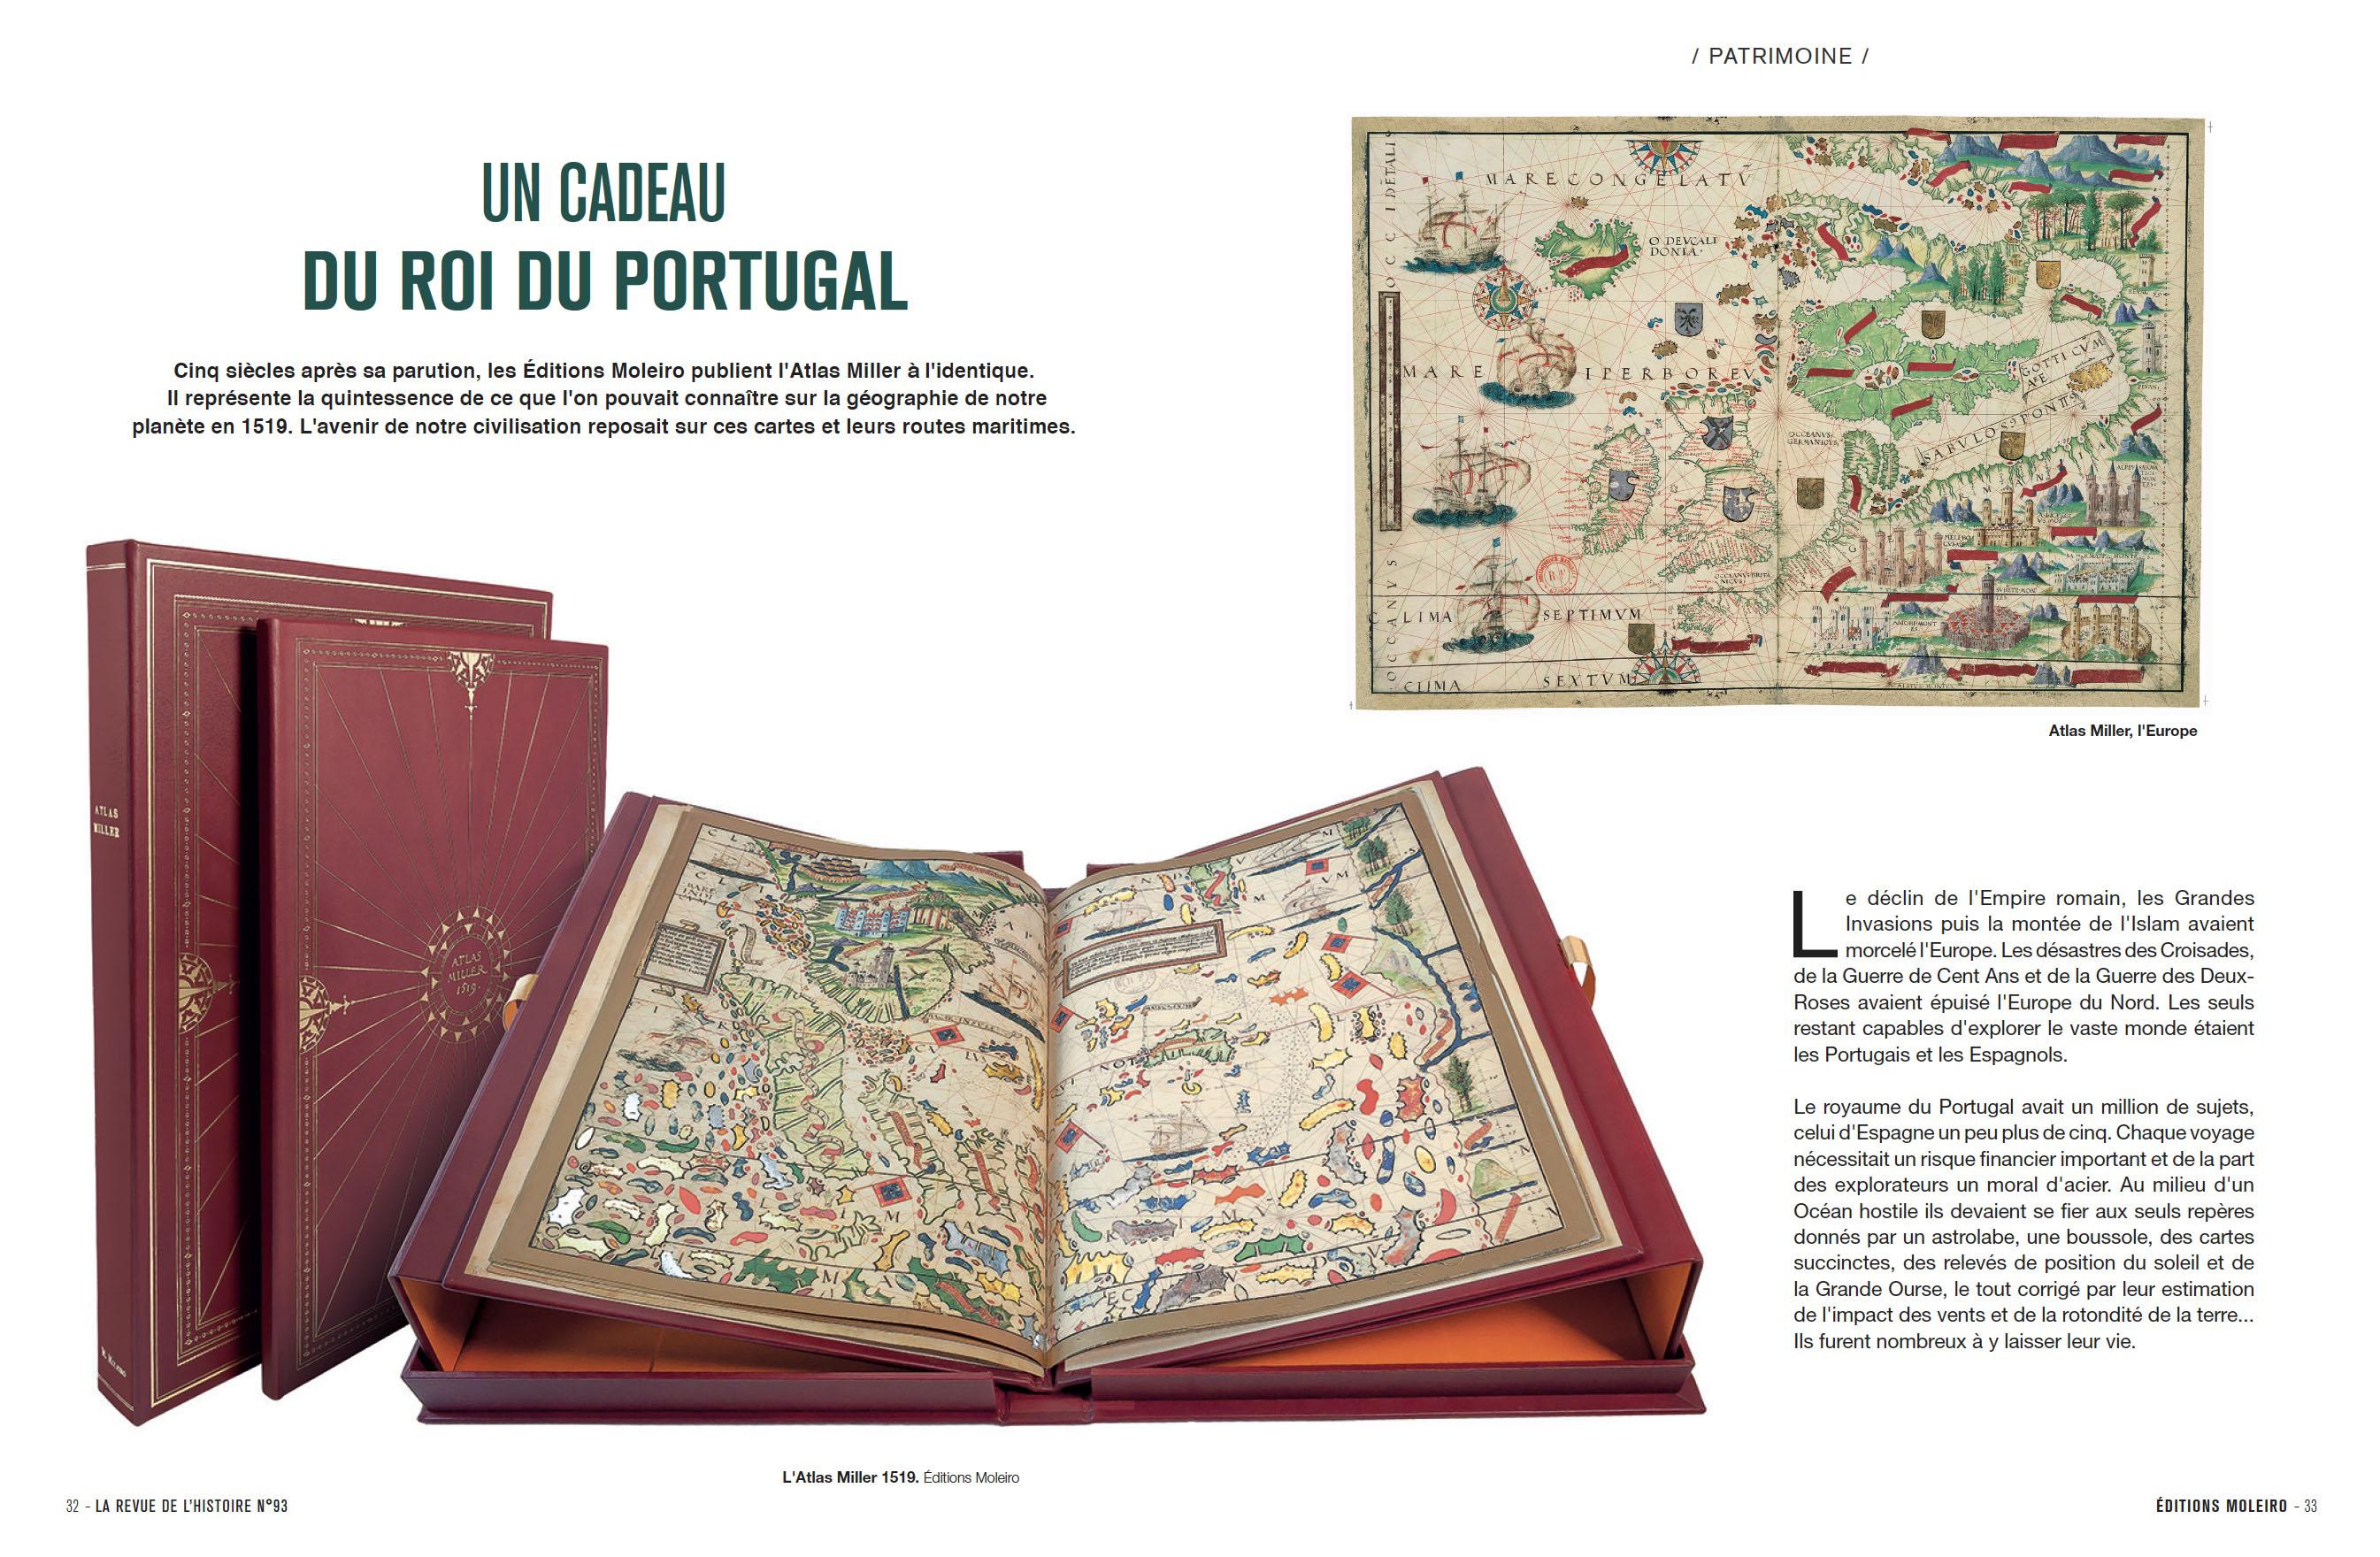 Un cadeau du roi du Portugal